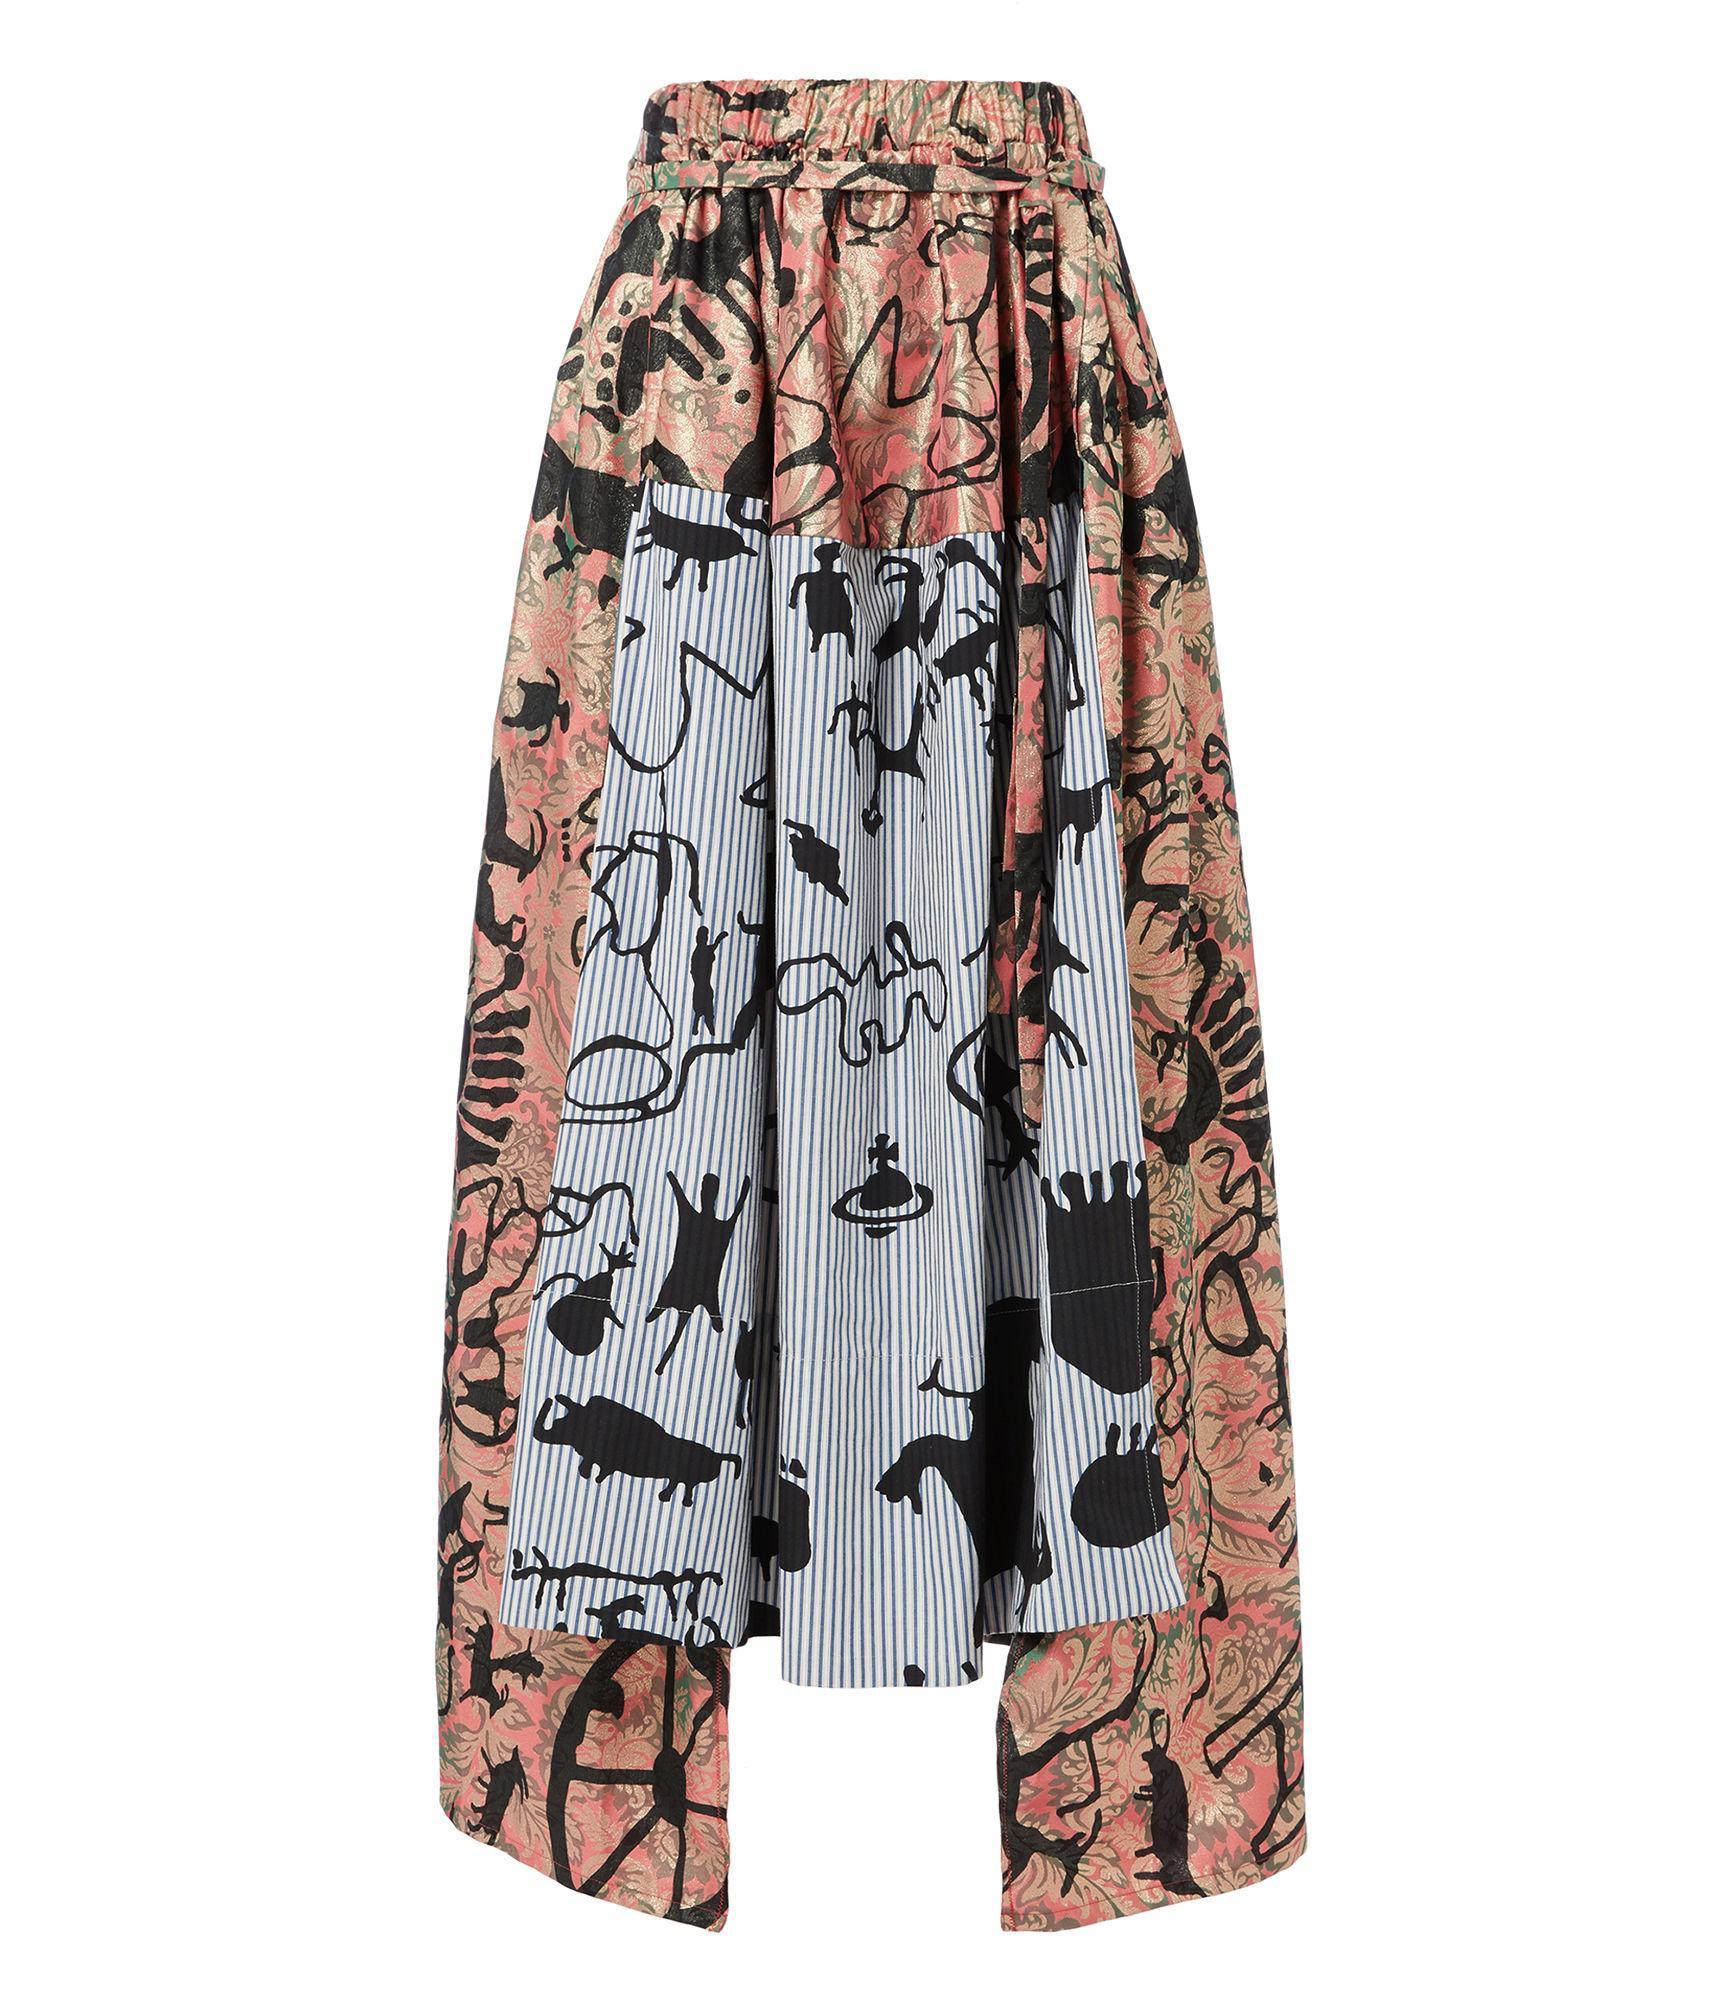 Vivienne Westwood Gabriella Skirt Pink